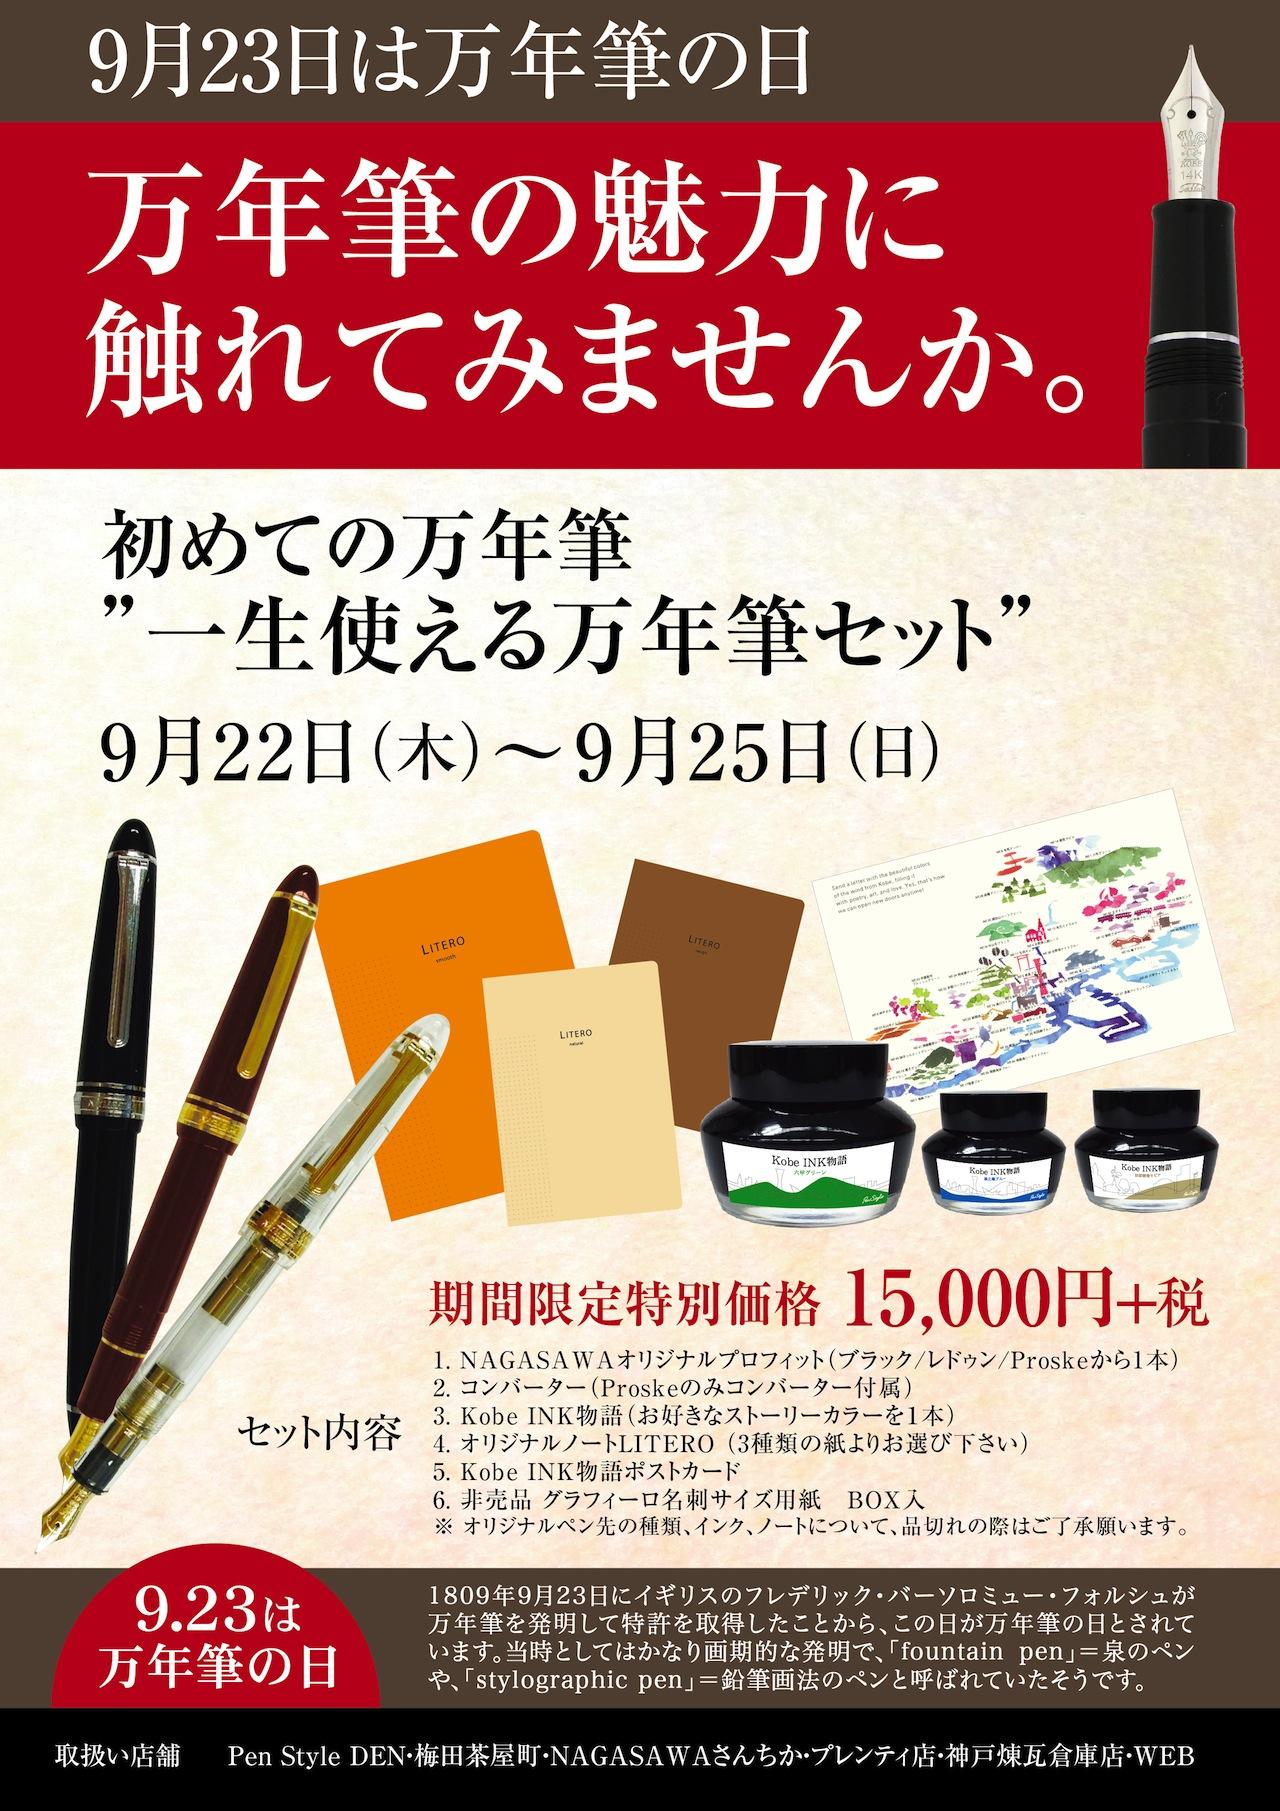 9月23日は万年筆の日!万年筆の魅力に触れてみませんか。